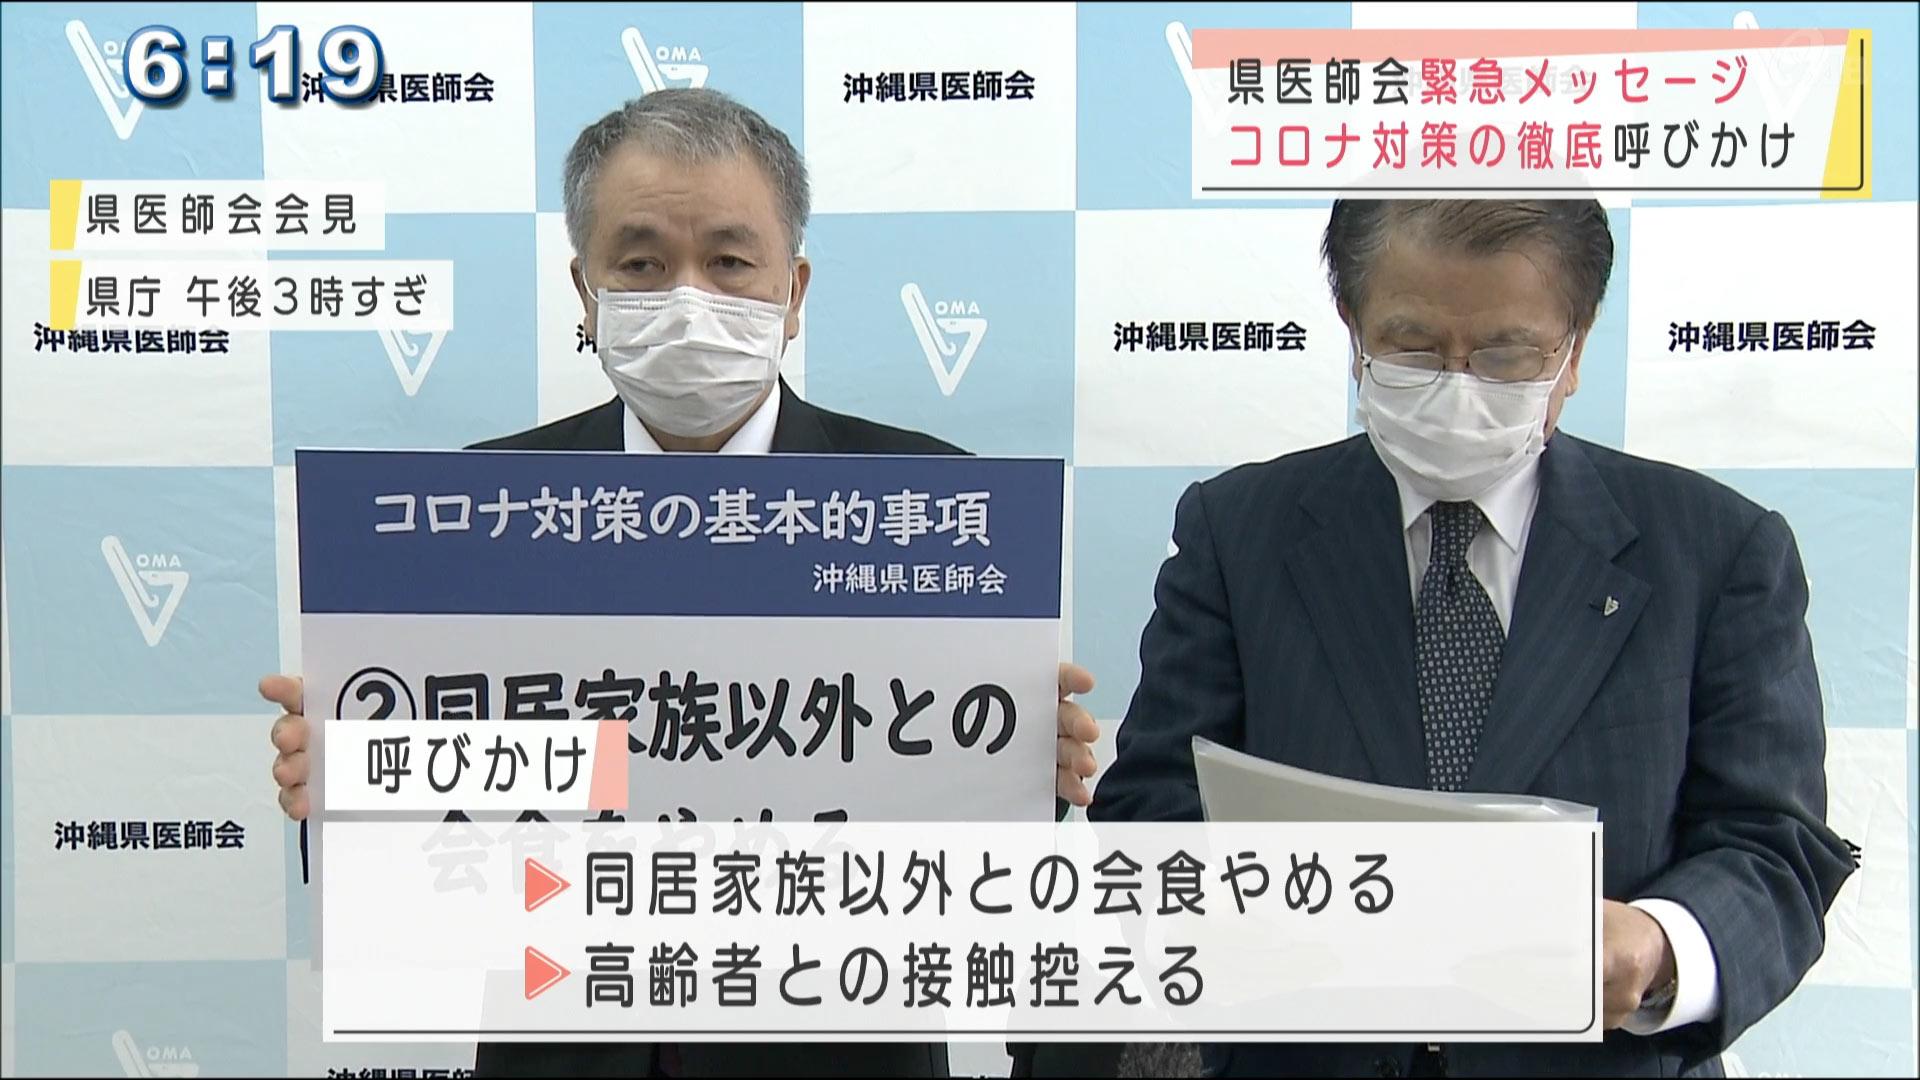 沖縄県医師会がコロナ対策徹底を呼びかけ